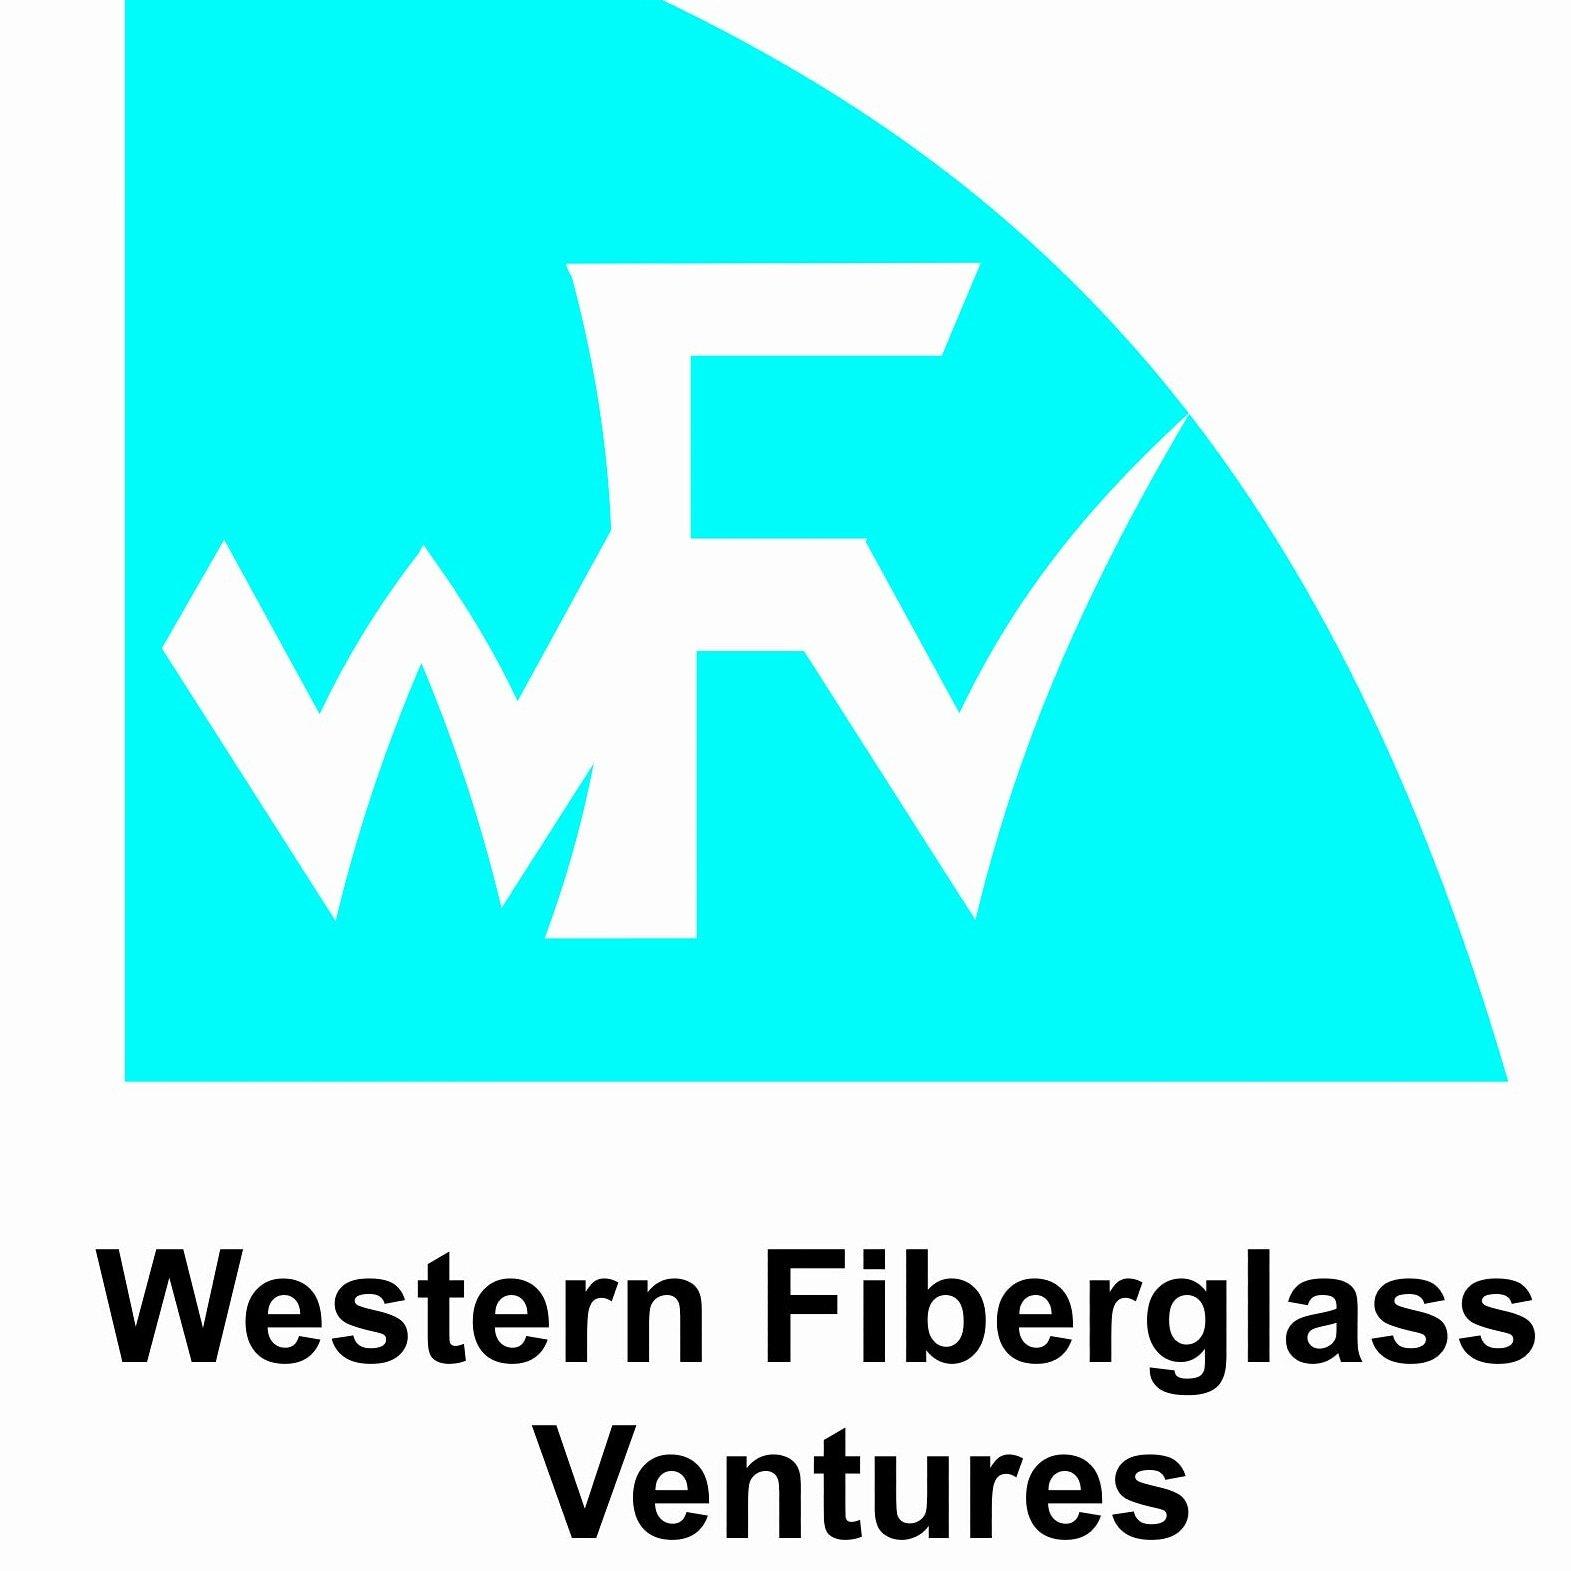 Western Fiberglass Ventures